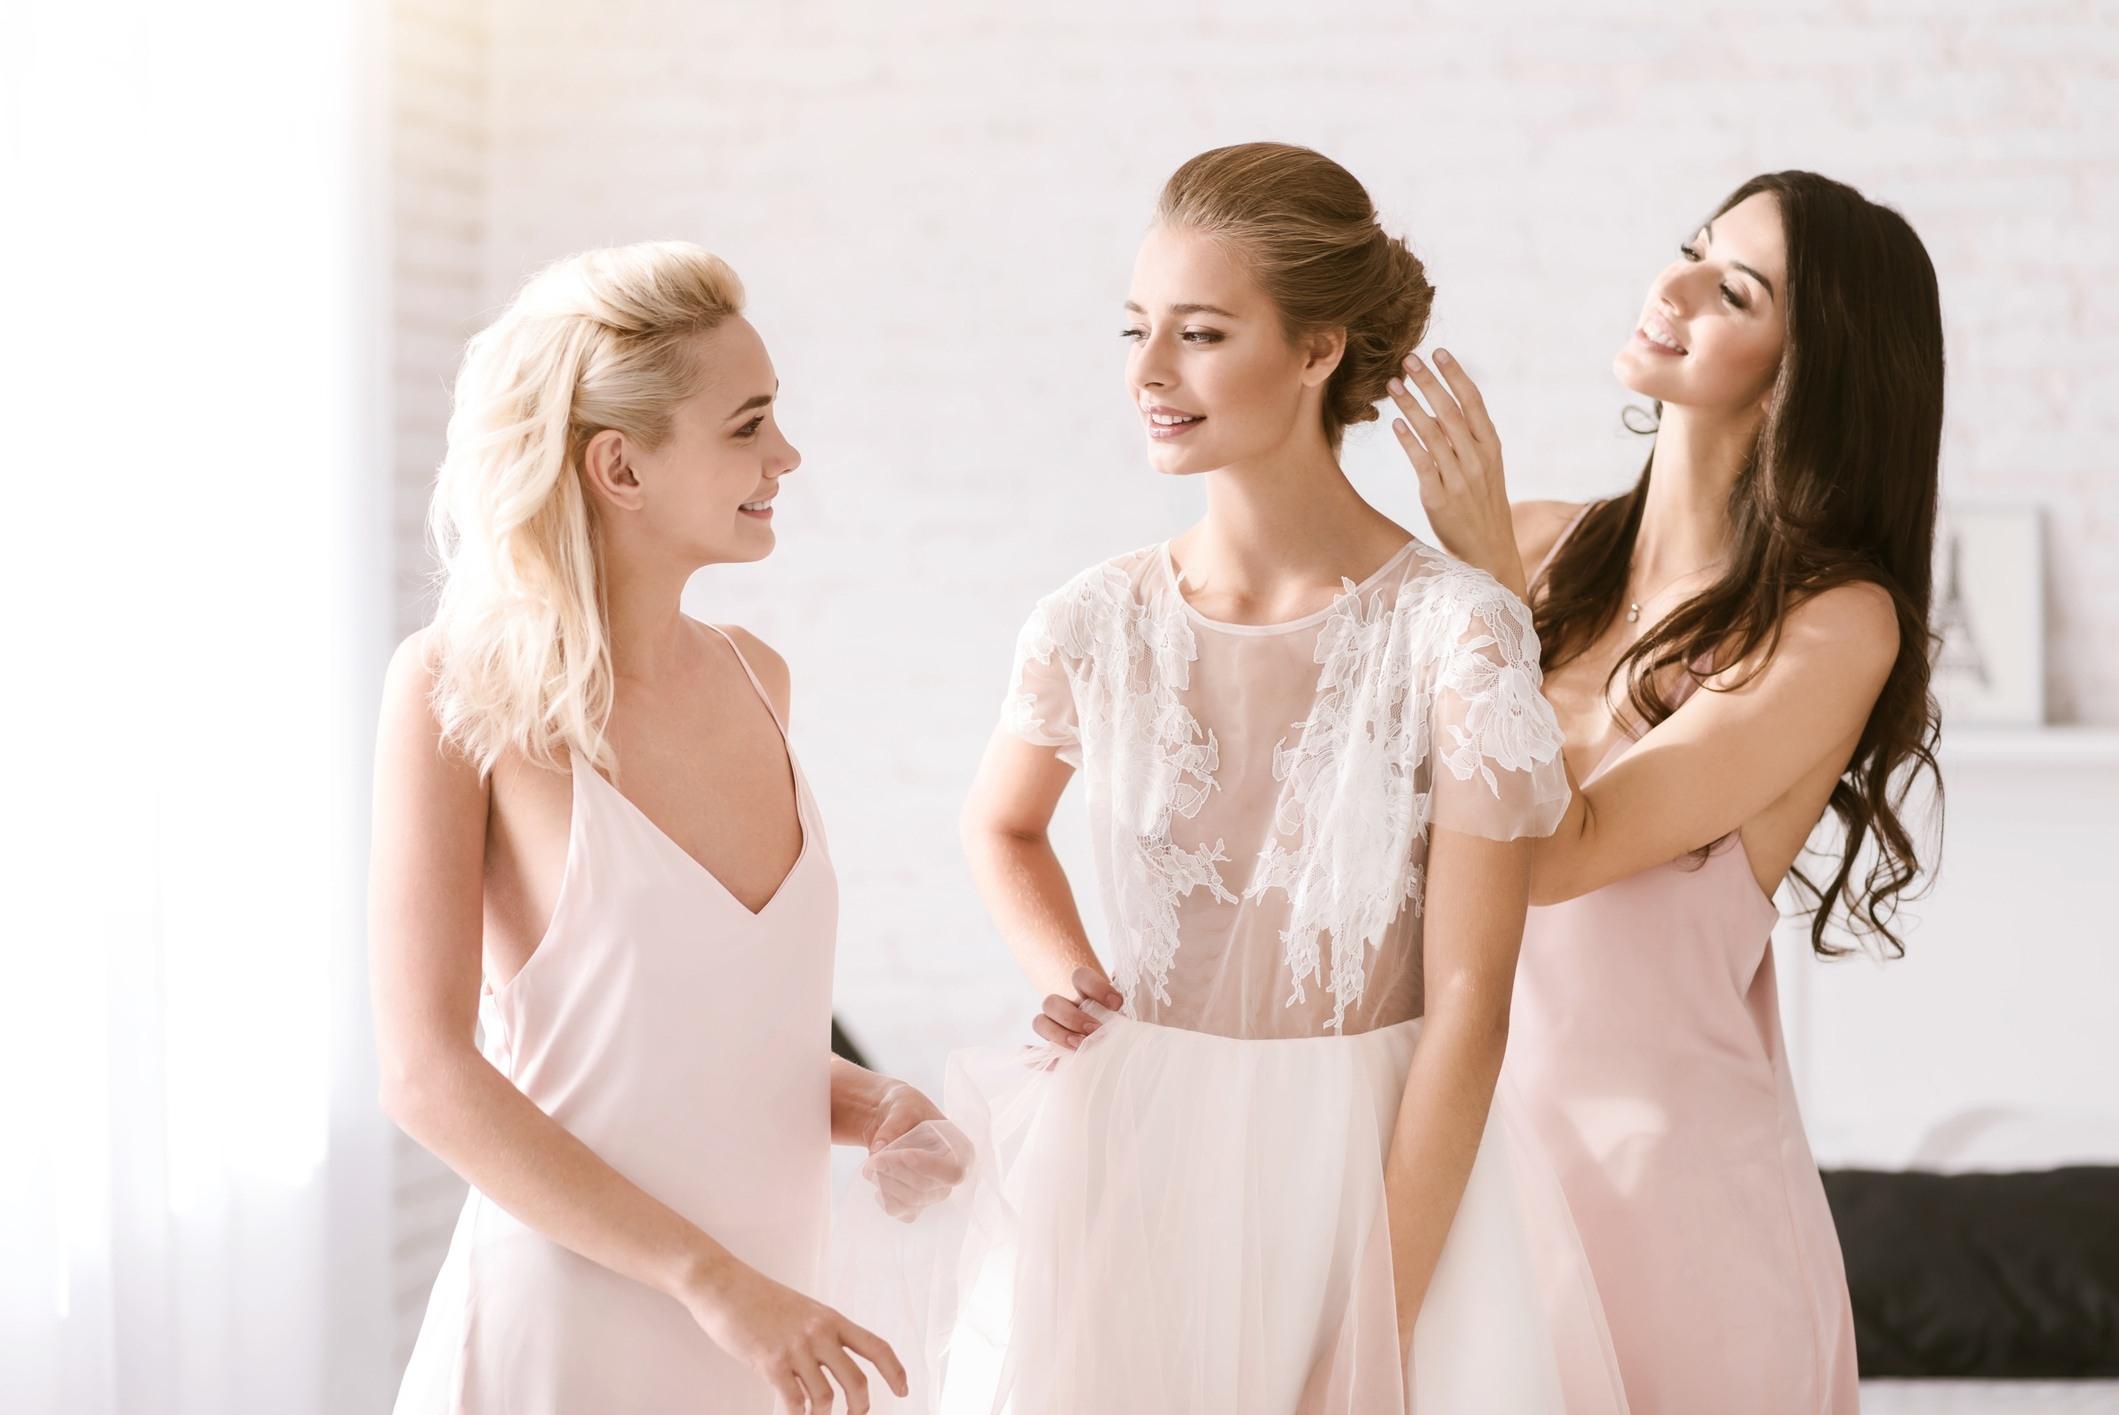 14 Schön Tolles Kleid Für Hochzeit Bester Preis - Abendkleid